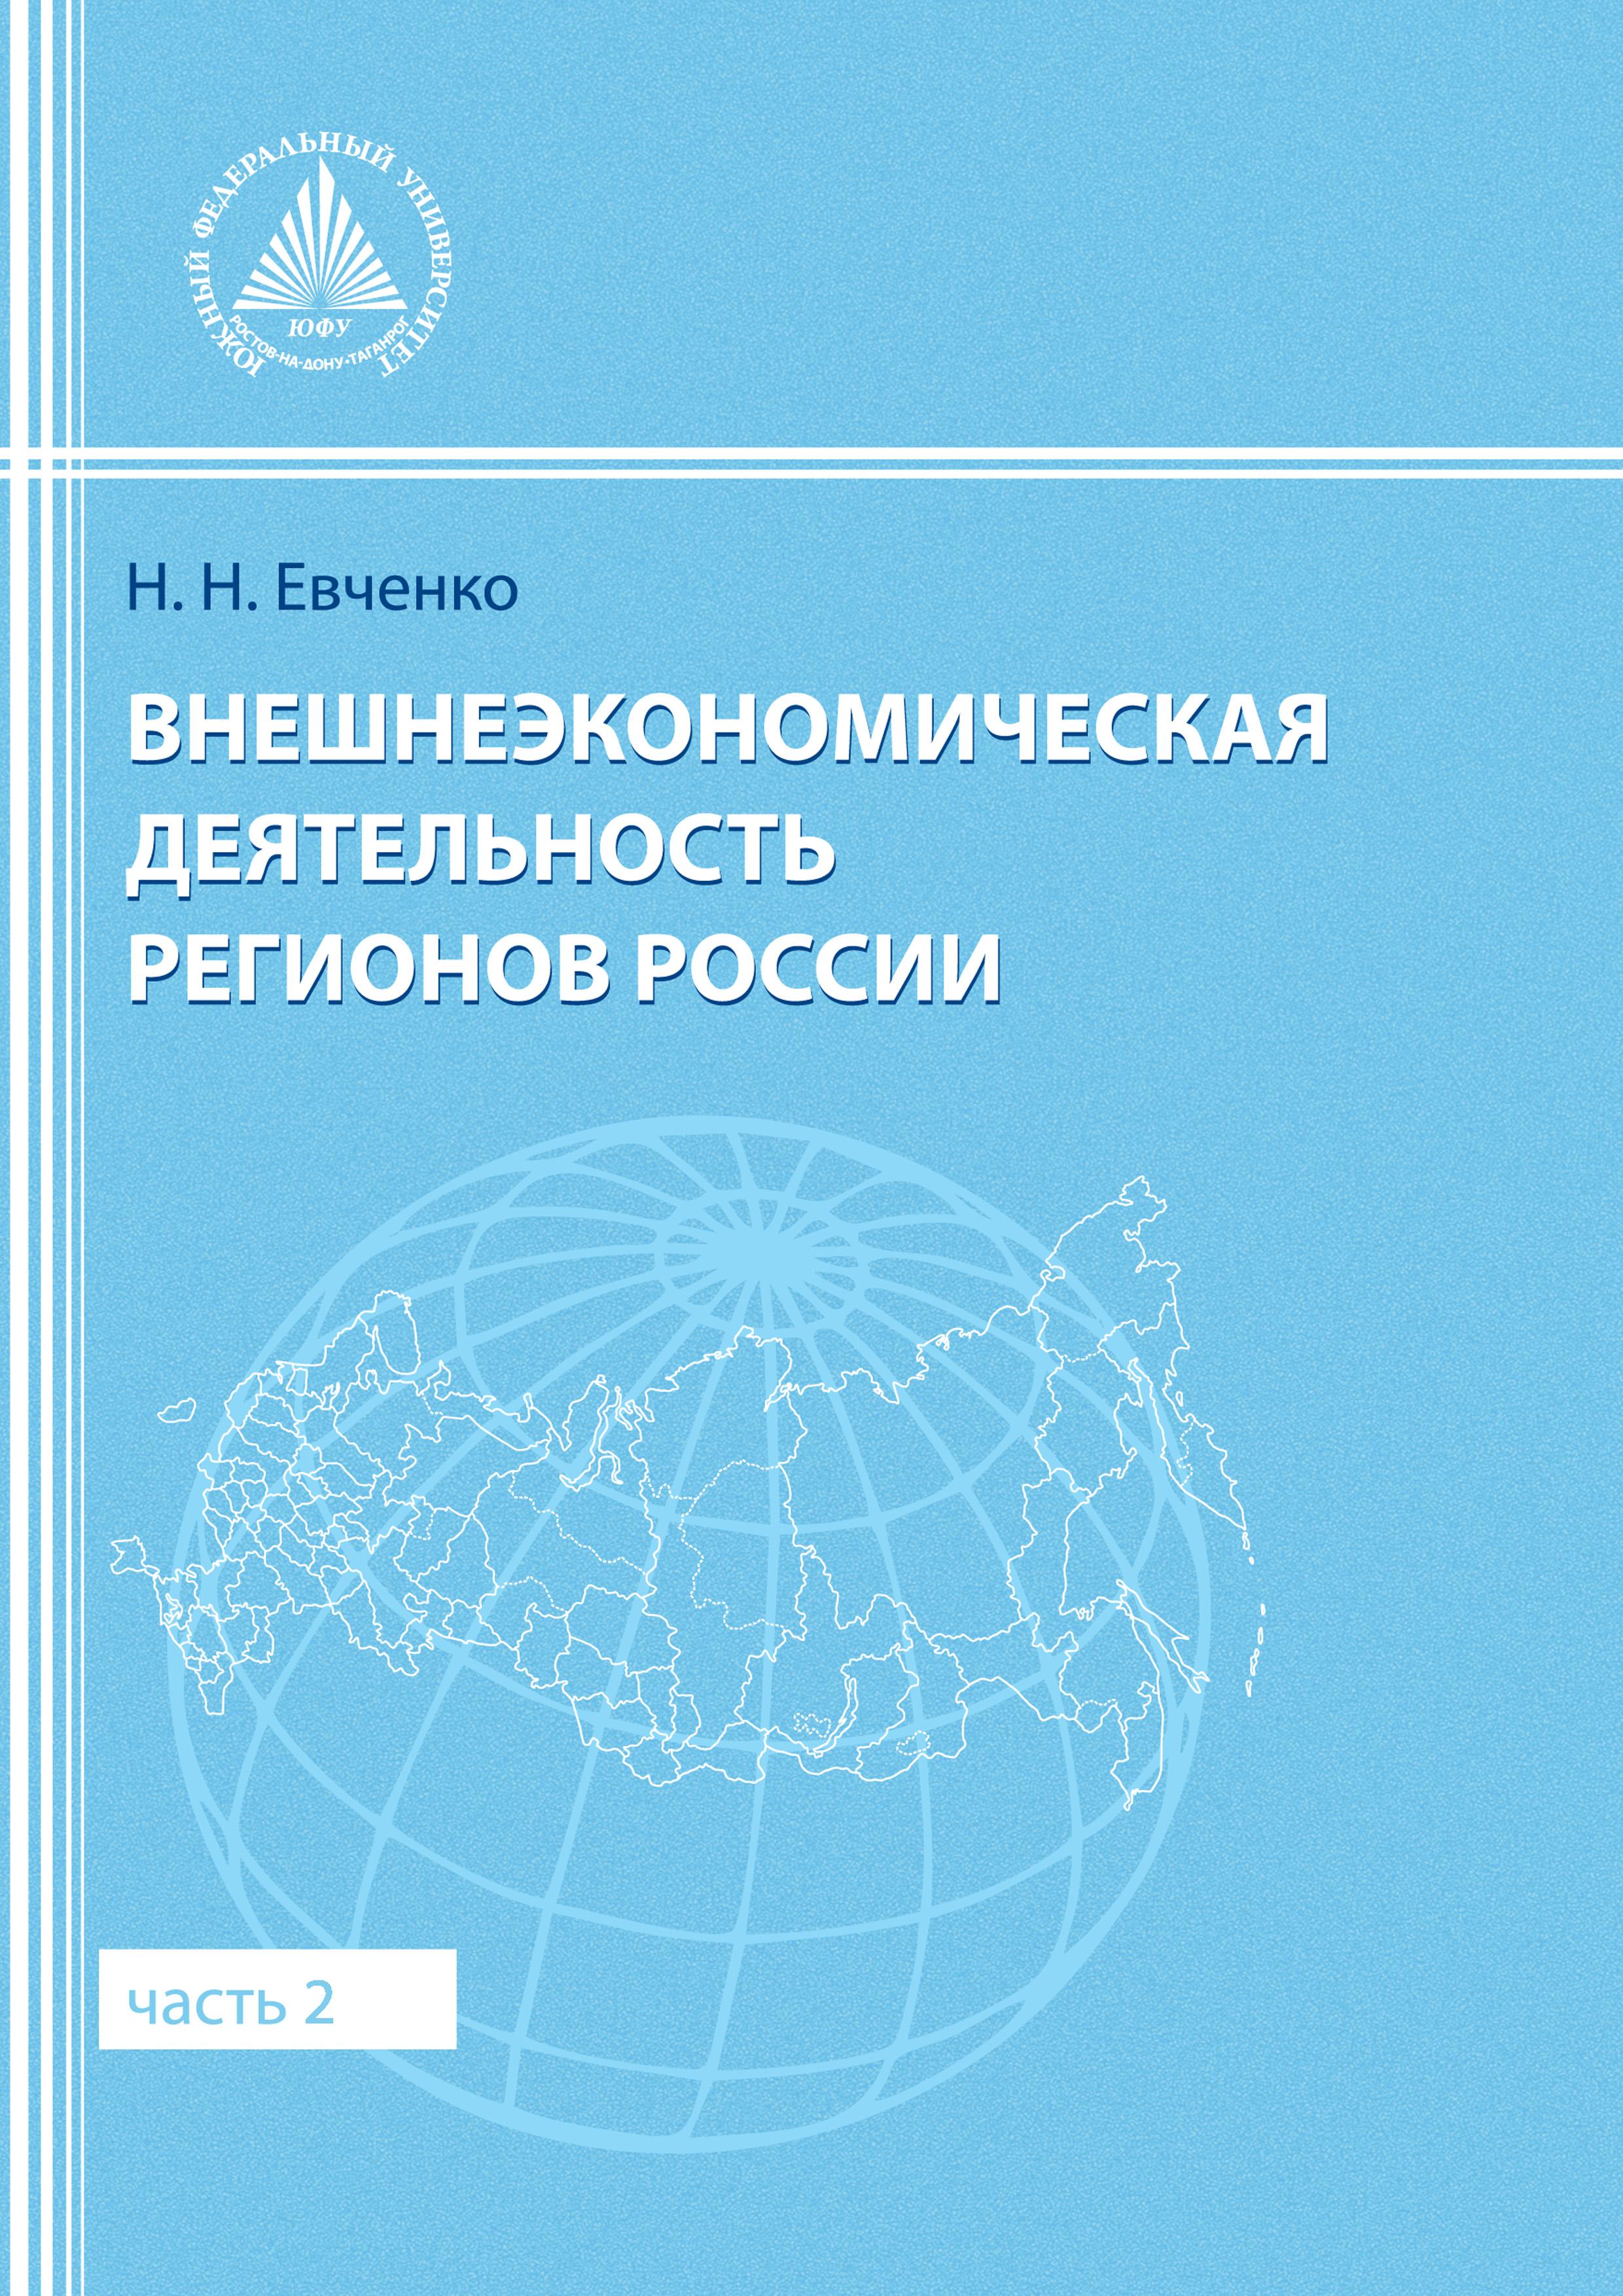 Купить книгу Внешнеэкономическая деятельность регионов России. Часть 2, автора Н. Н. Евченко